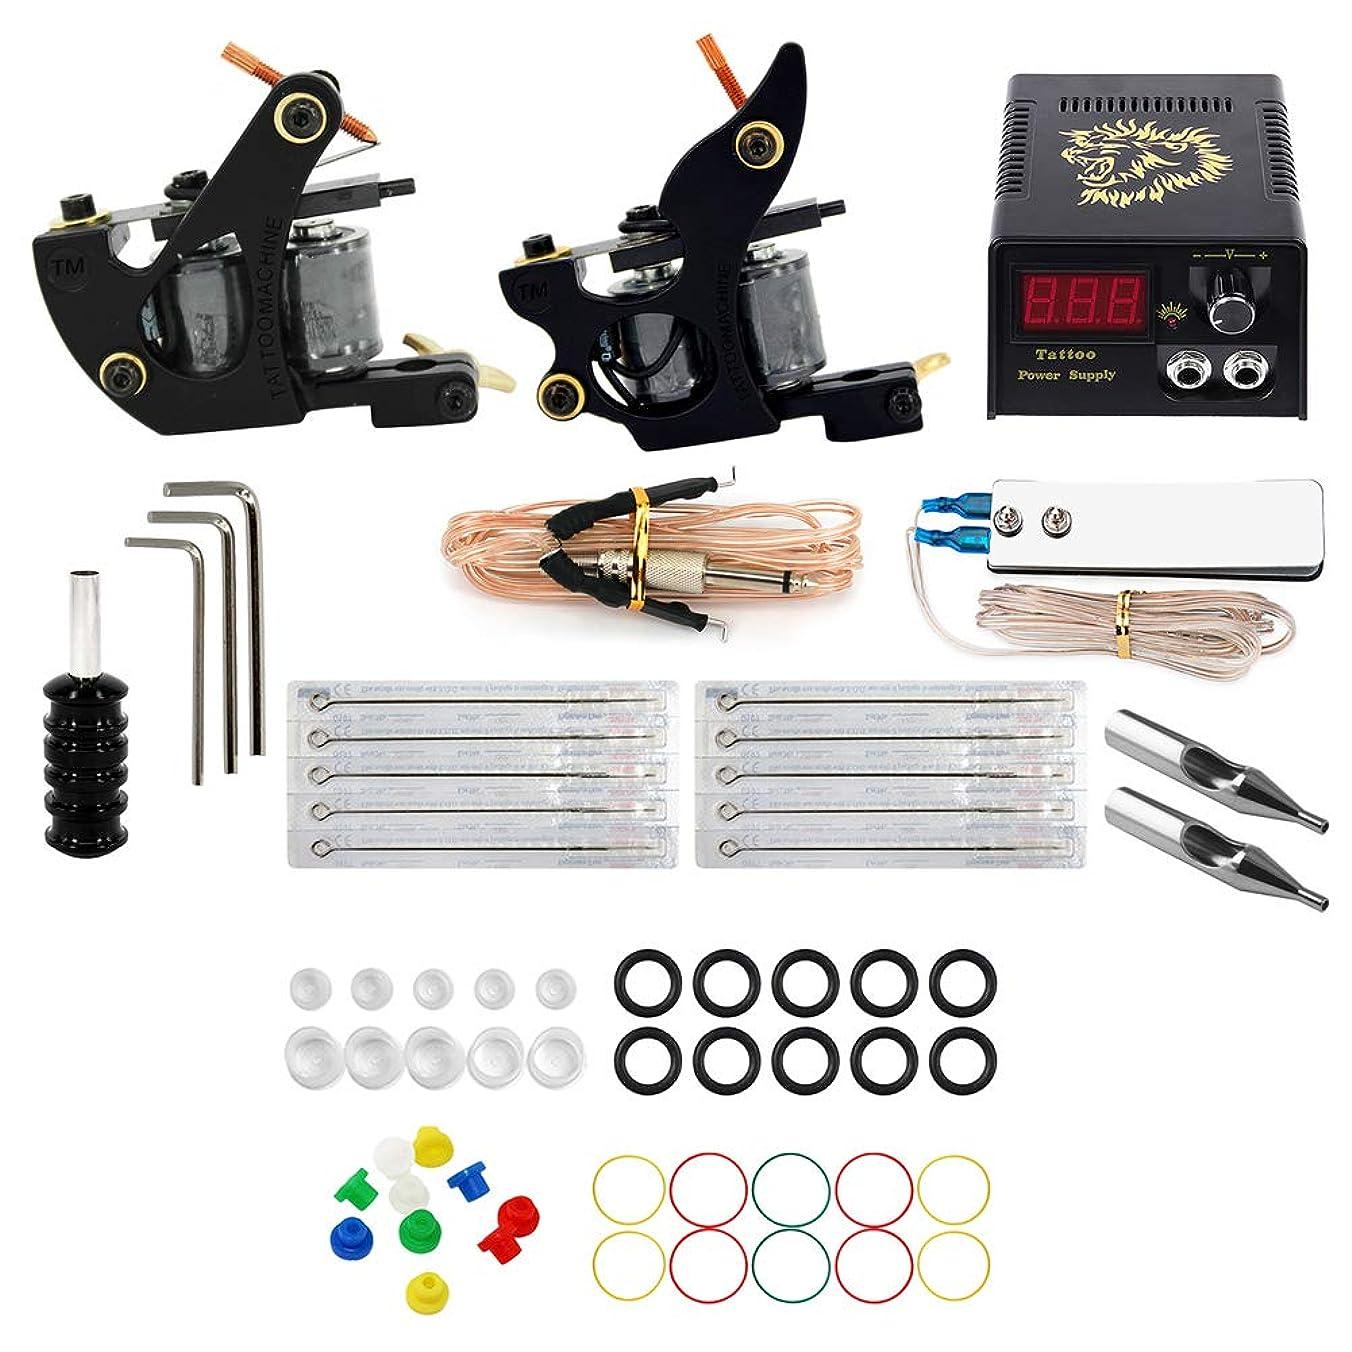 電極葉を集めるリンス初心者タトゥーマシンセット、ファッション2タトゥーマシン10タトゥー針のフルセット、59アクセサリー練習ツール